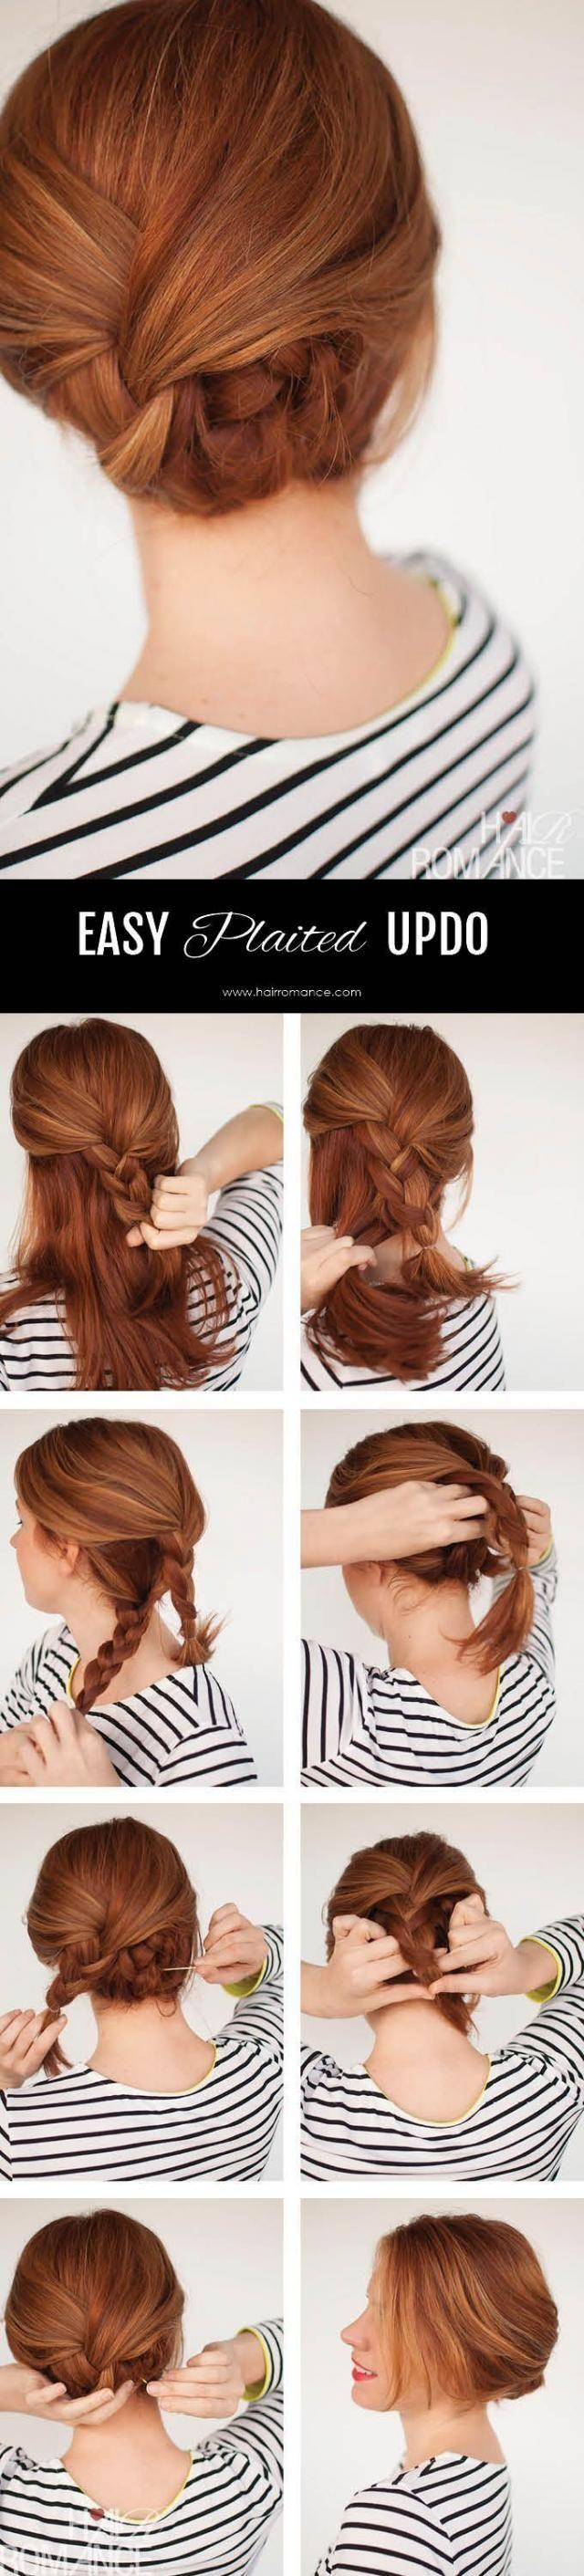 10 szybkich w wykonaniu fryzur: idealne rozwiązanie na zabiegane poranki